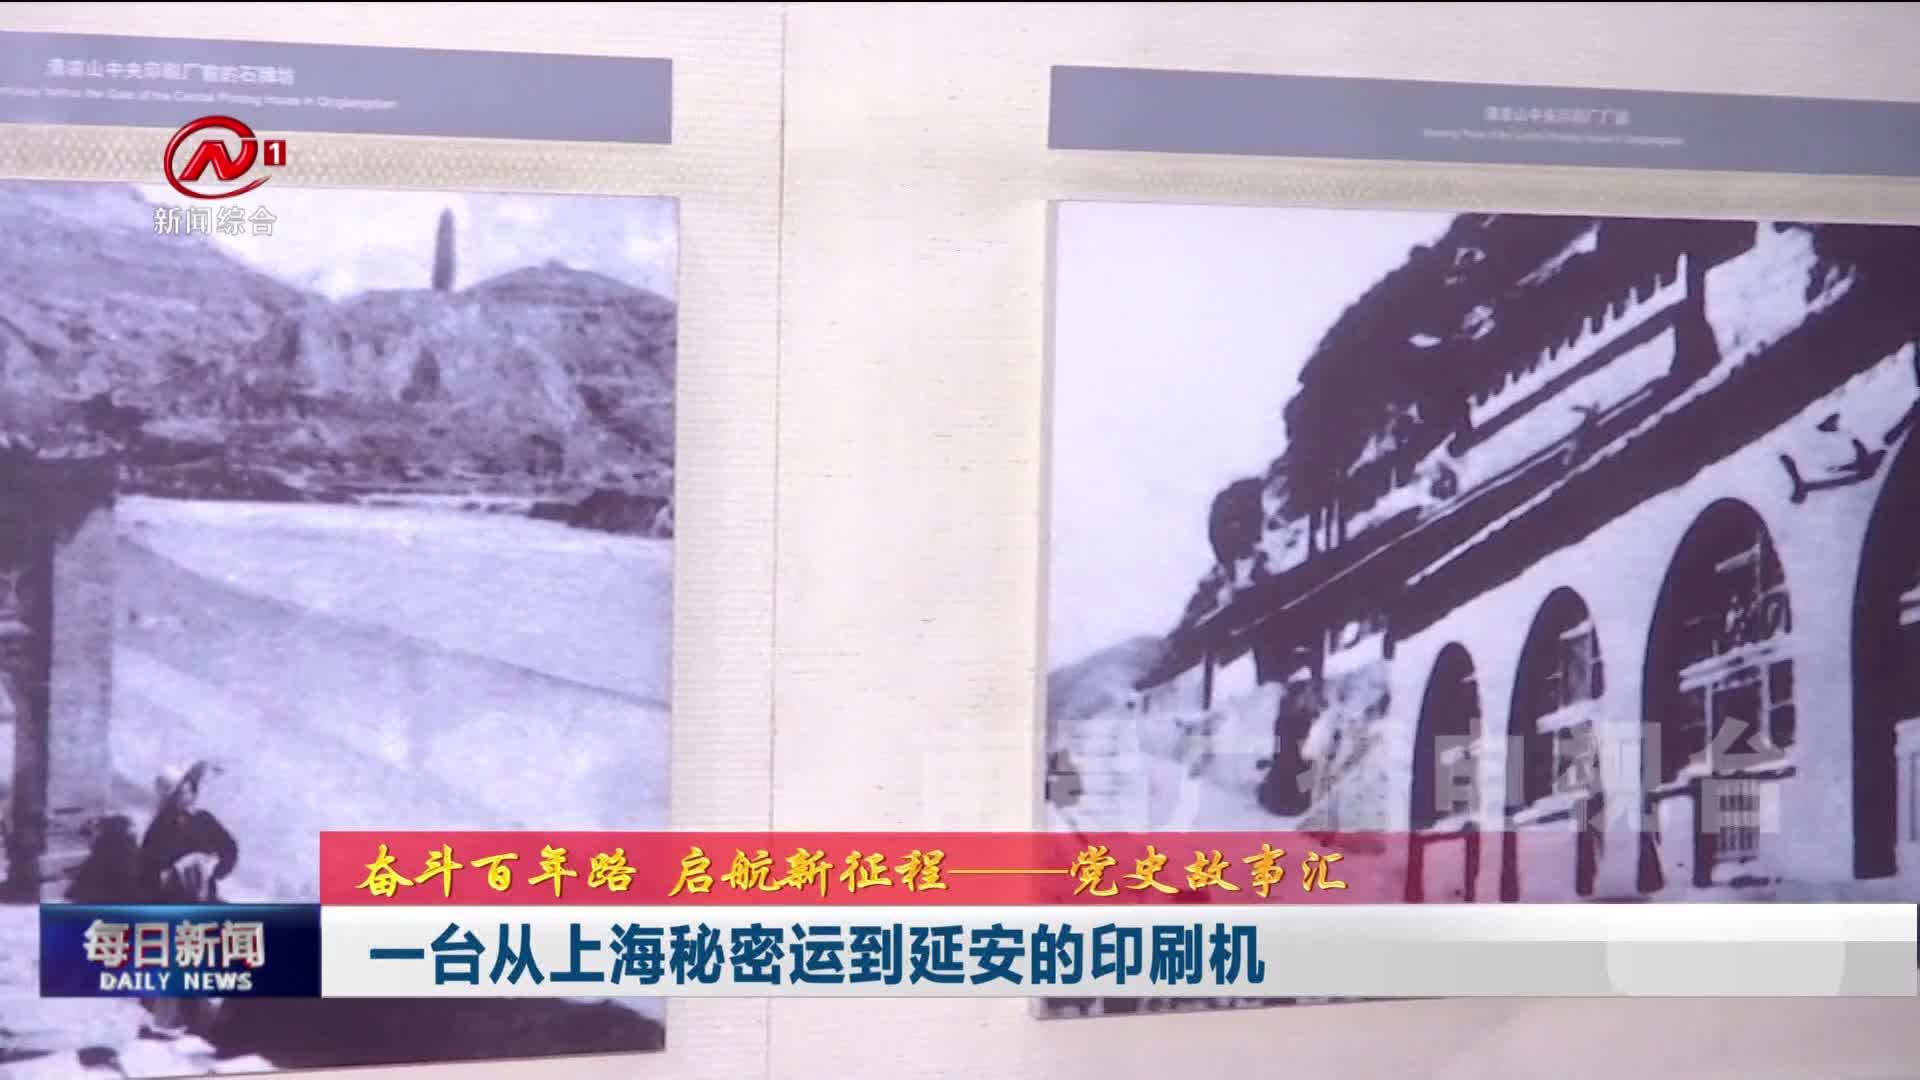 一台从上海秘密运到延安的印刷机